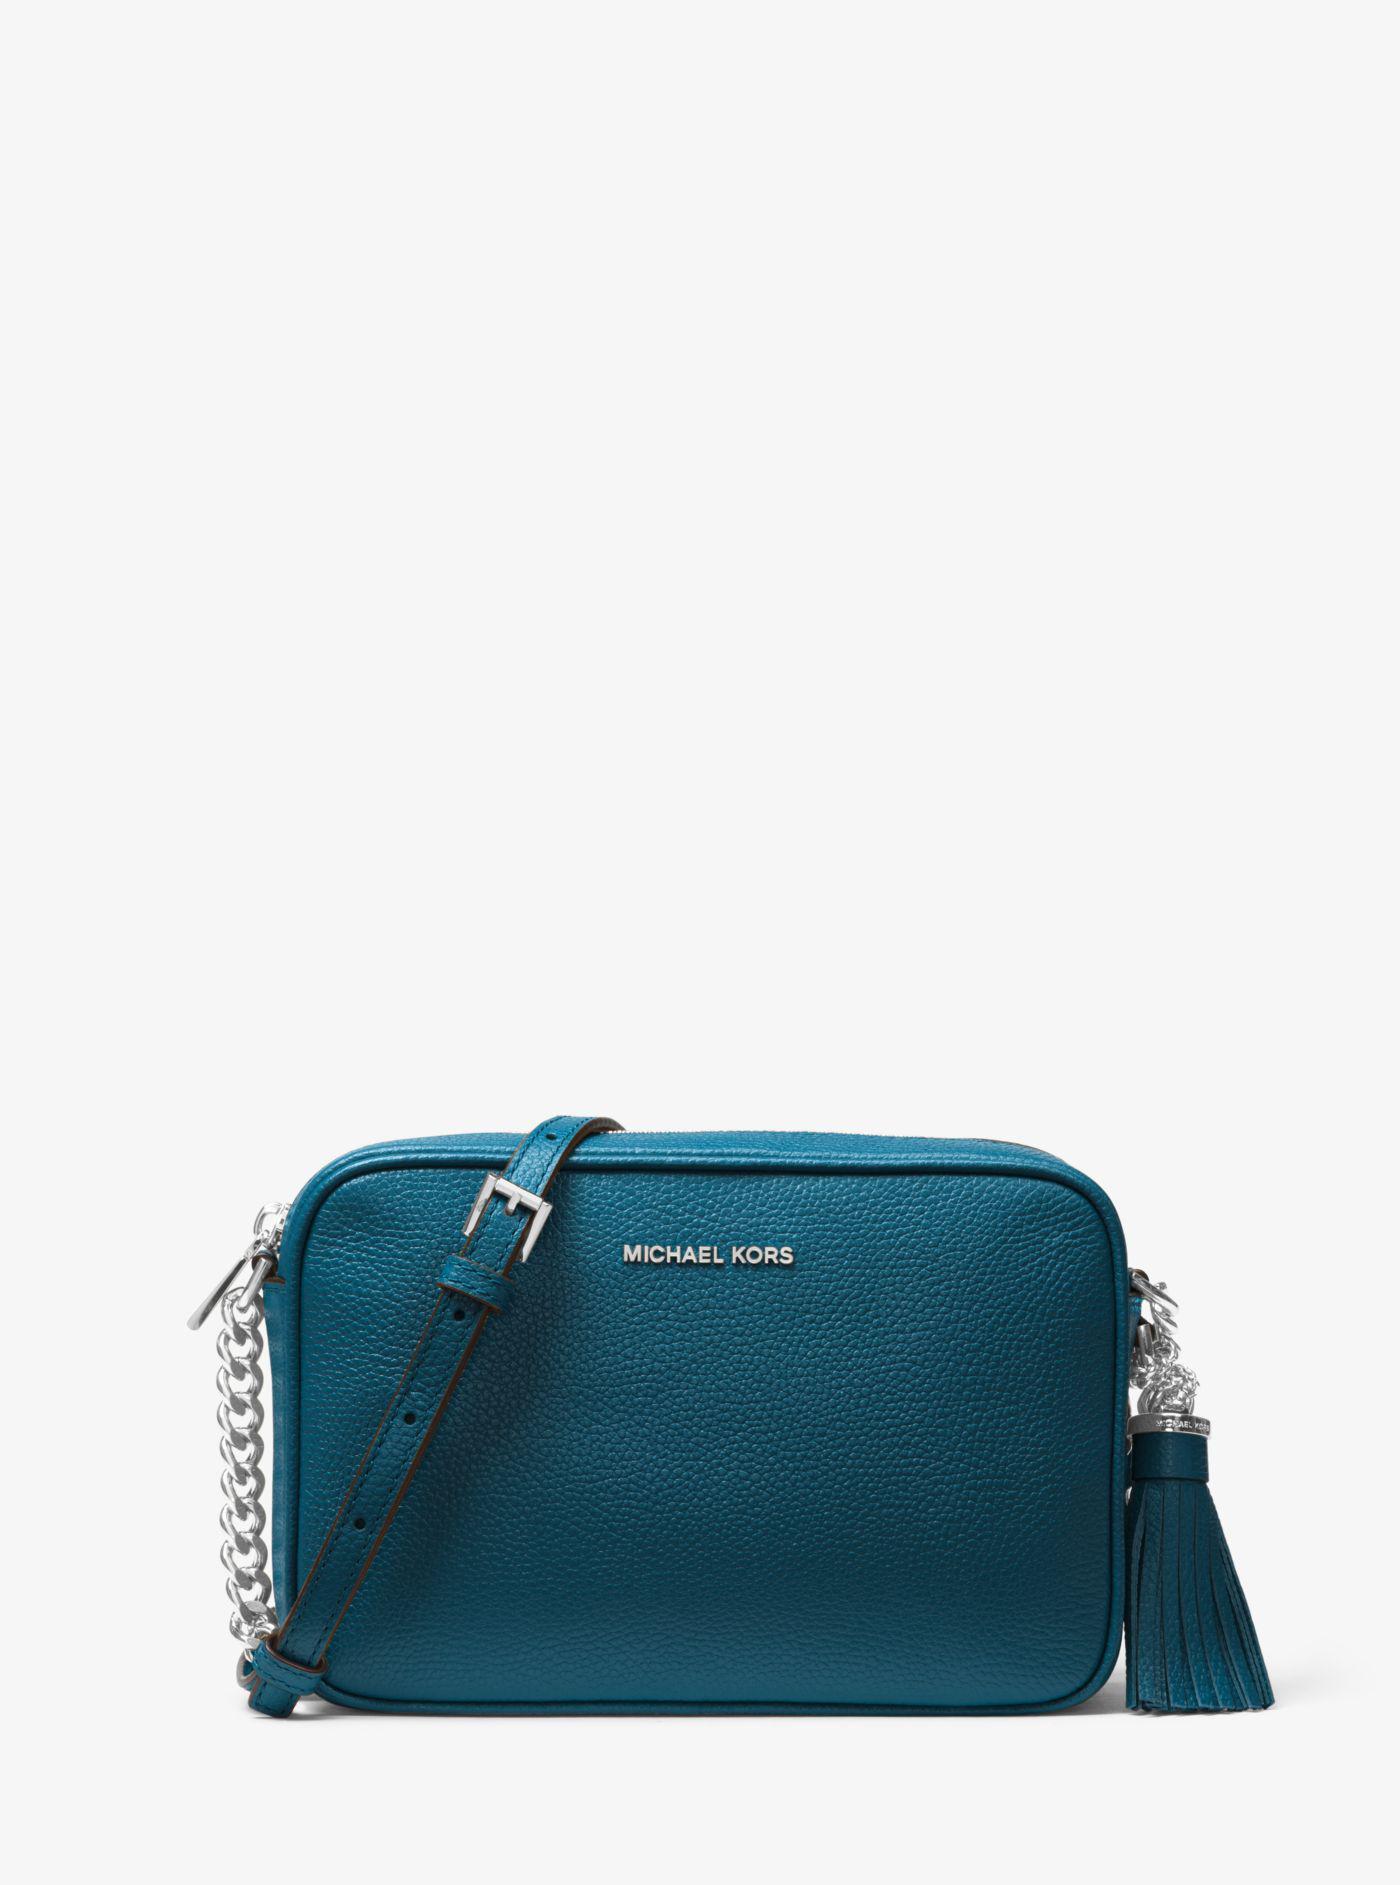 ... Blue Ginny Leather Crossbody - Lyst. View fullscreen 7618438eb5a1a